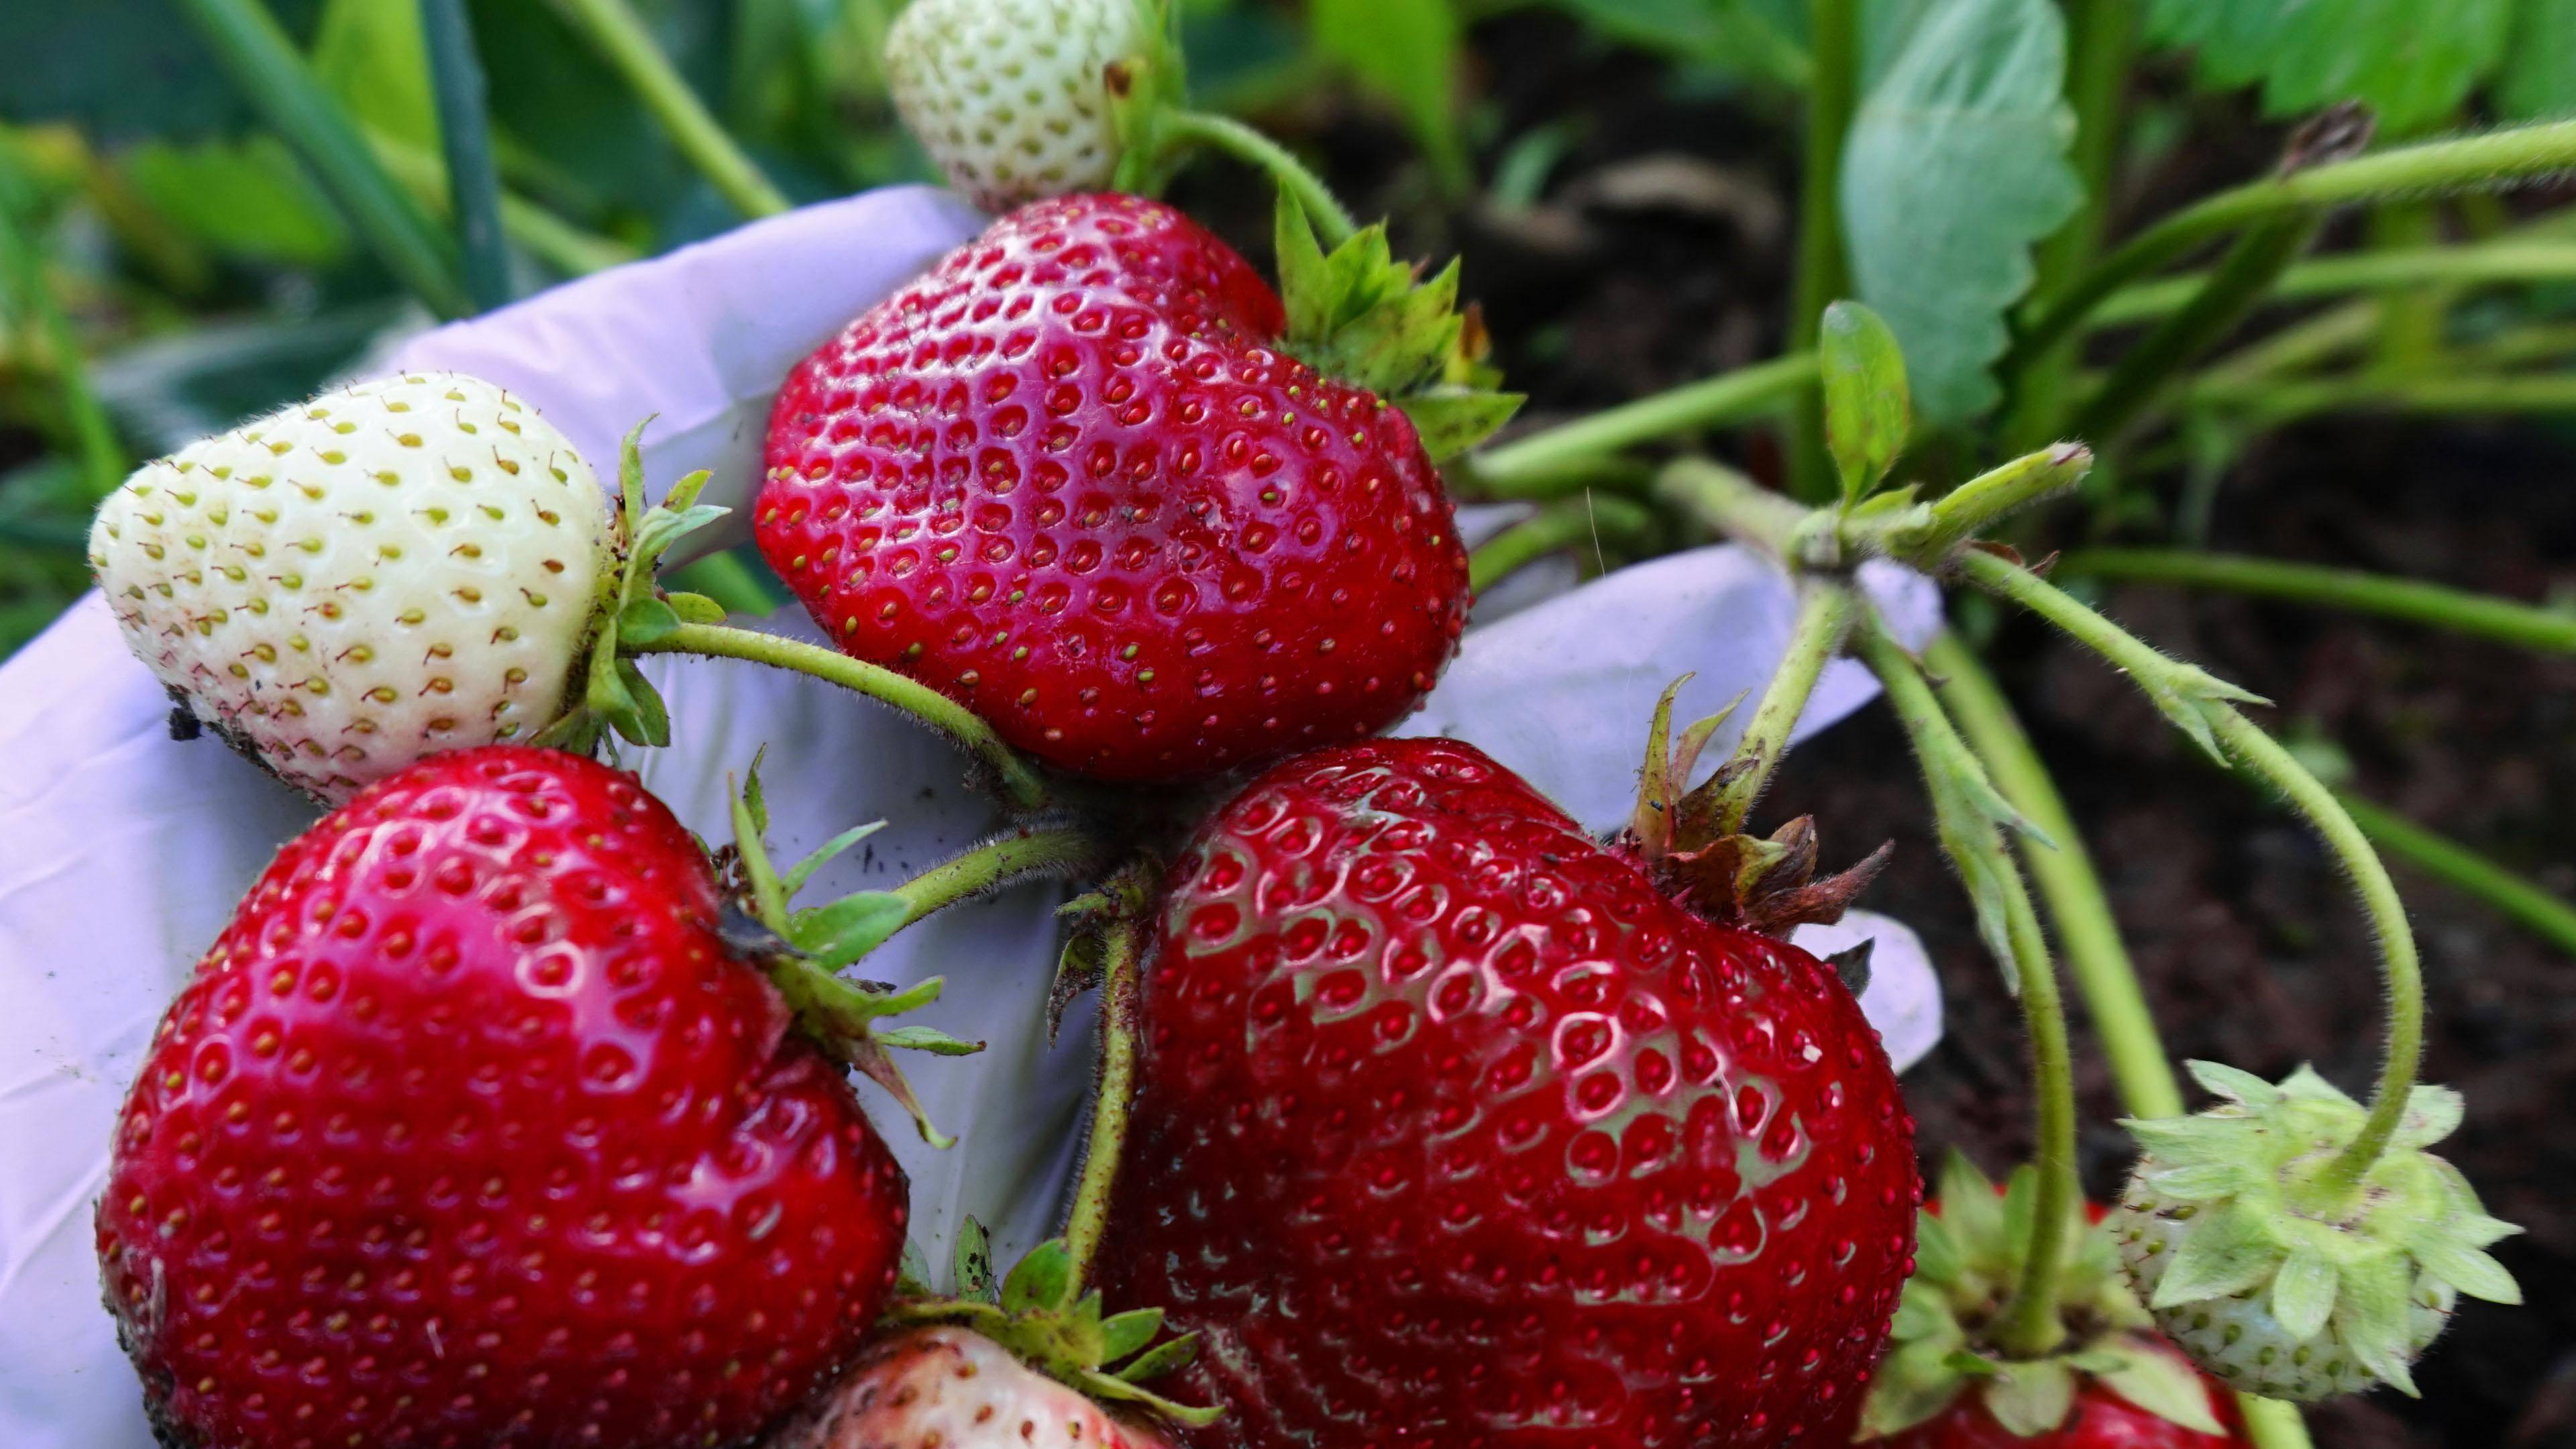 Клубника хоней: отзывы, фото, описание сорта, посадка и уход, выращивание, урожайность, подкормка